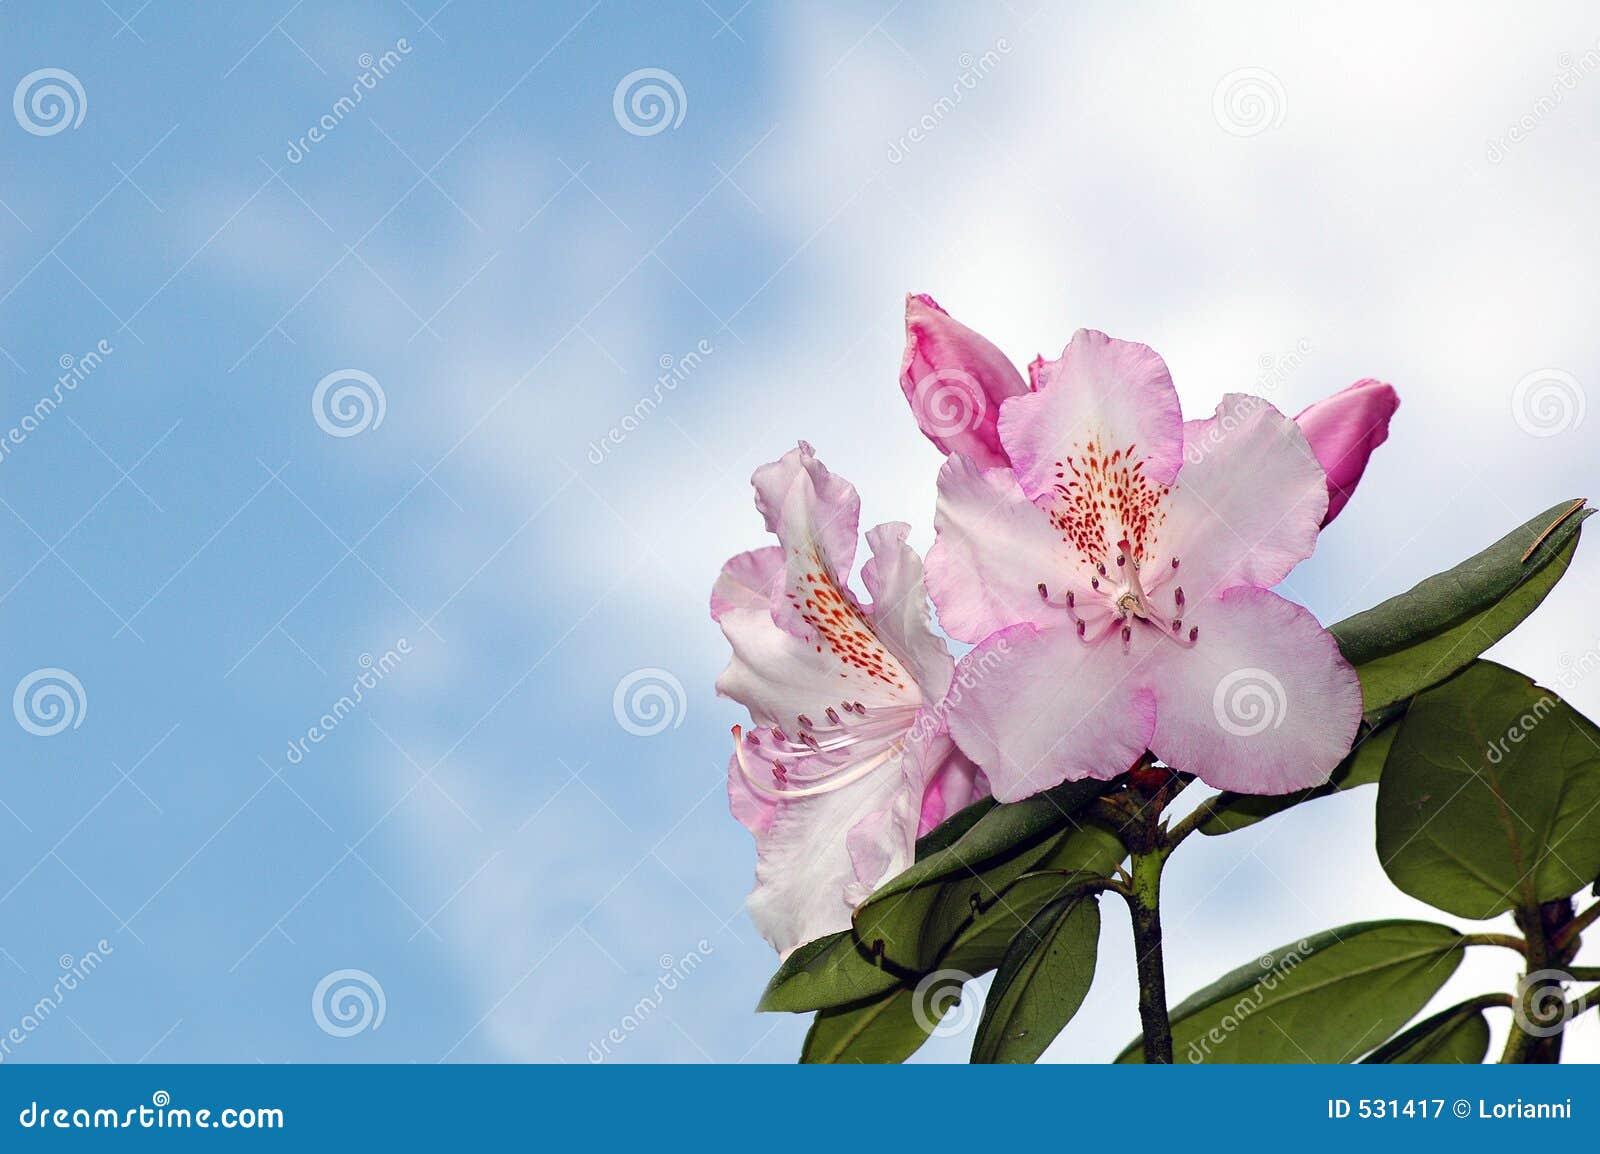 Download 背景开花天空 库存图片. 图片 包括有 本质, 粉红色, 蓝色, 庭院, 天空, 春天, 叶子, 工厂, 结构树 - 531417